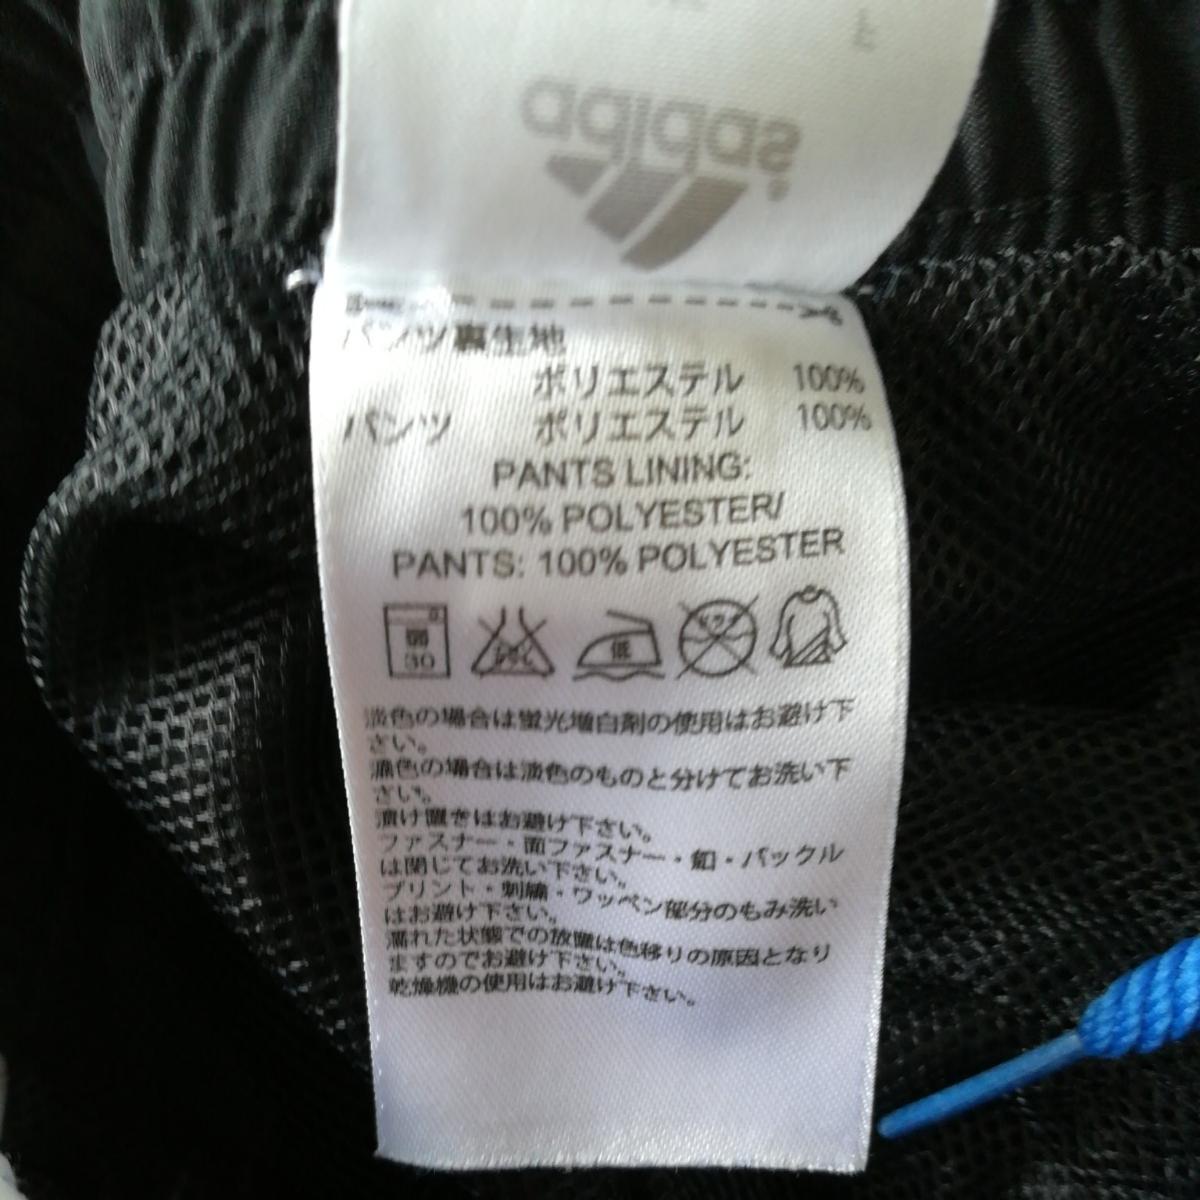 【一円】adidas アディダス ジャージ上着+スポーツウェアパンツ キッズ140/130サイズ 子供用_画像10